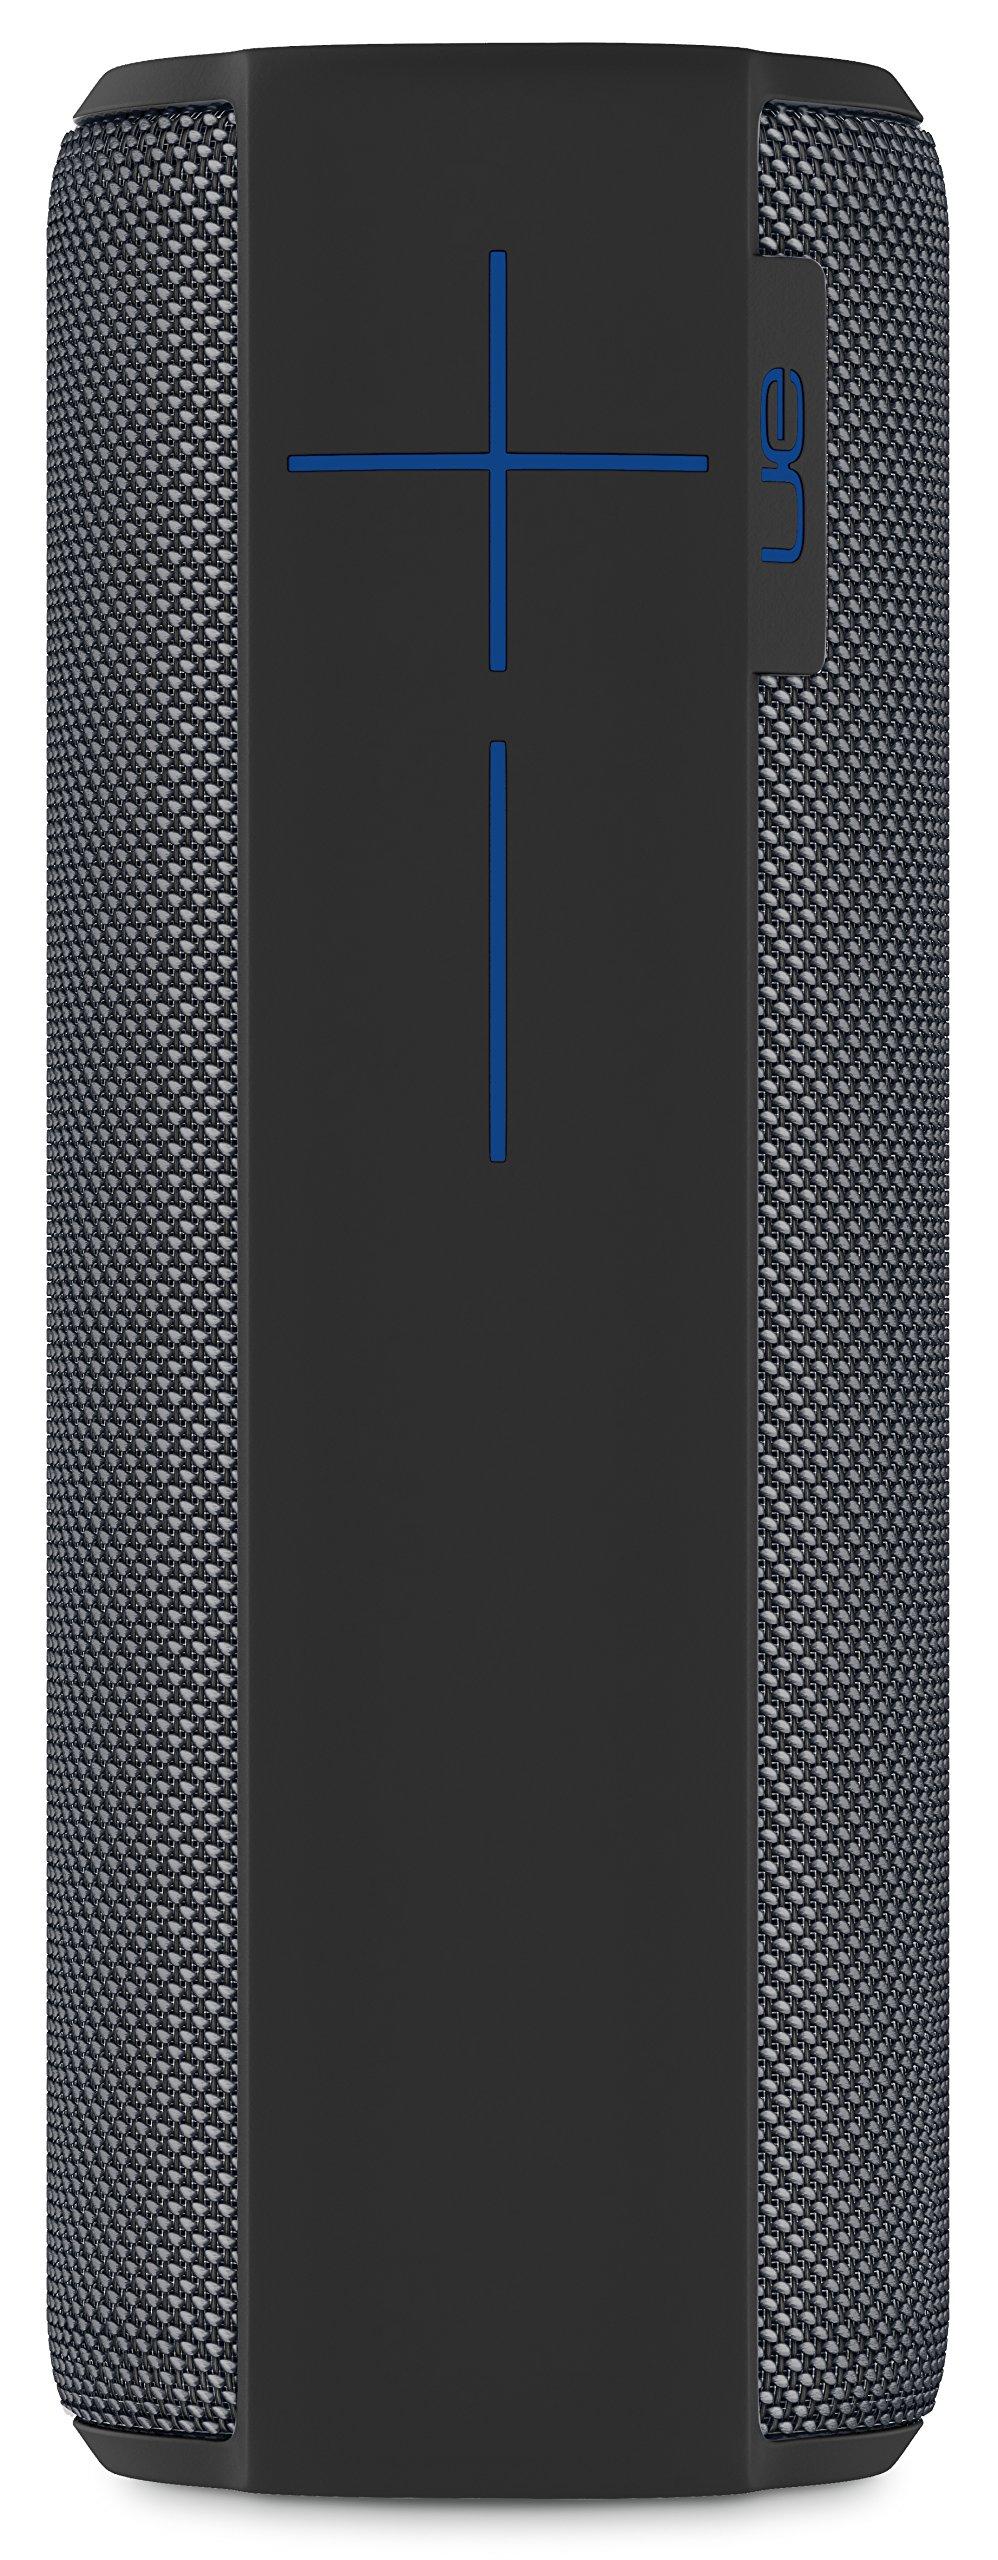 UE MEGABOOM Charcoal Black Wireless Mobile Bluetooth Speaker (Waterproof and Shockproof) by Ultimate Ears (Image #1)